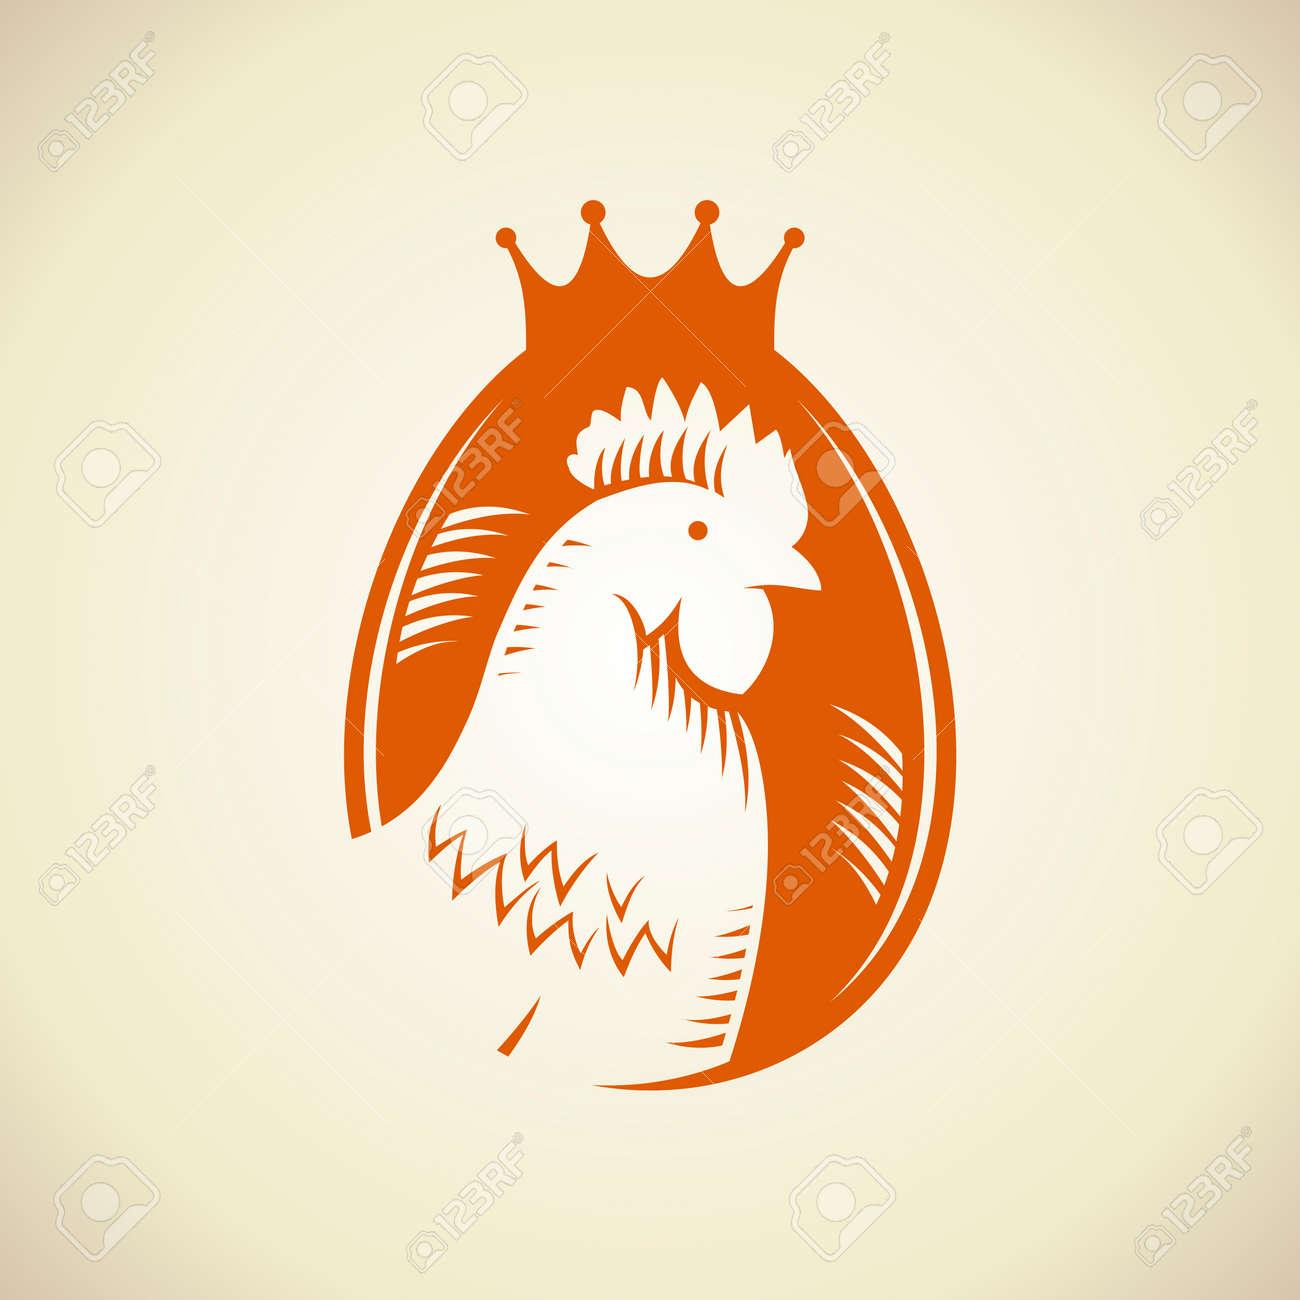 Egg Vector Logo Against Egg Logo